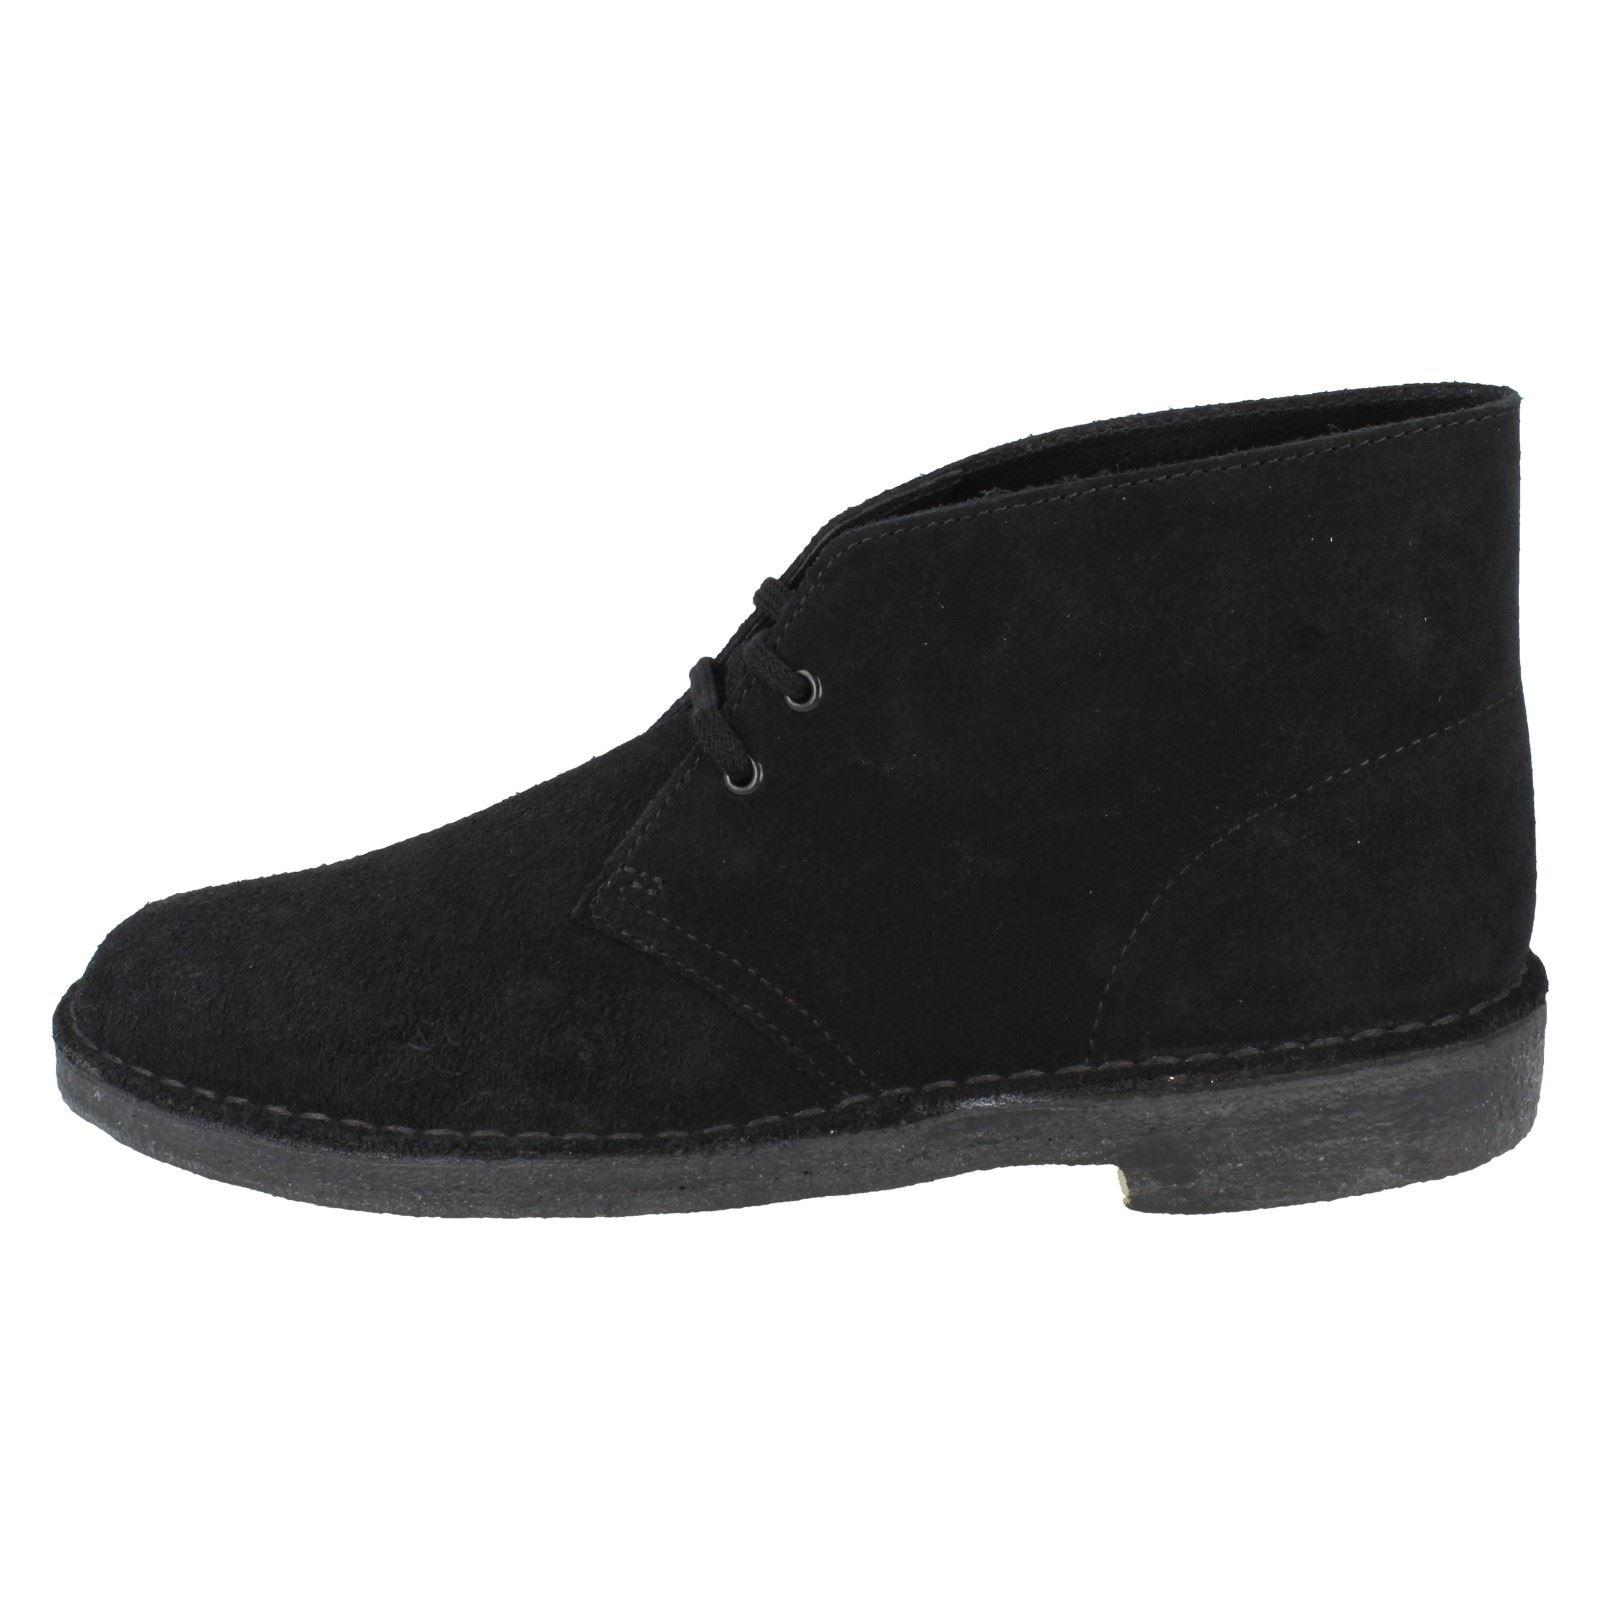 Messieurs / Dames Homme Clarks Desert Boot Originals marché Bottines La réputation d'abord Bon marché Originals merveilleux ecbd2a